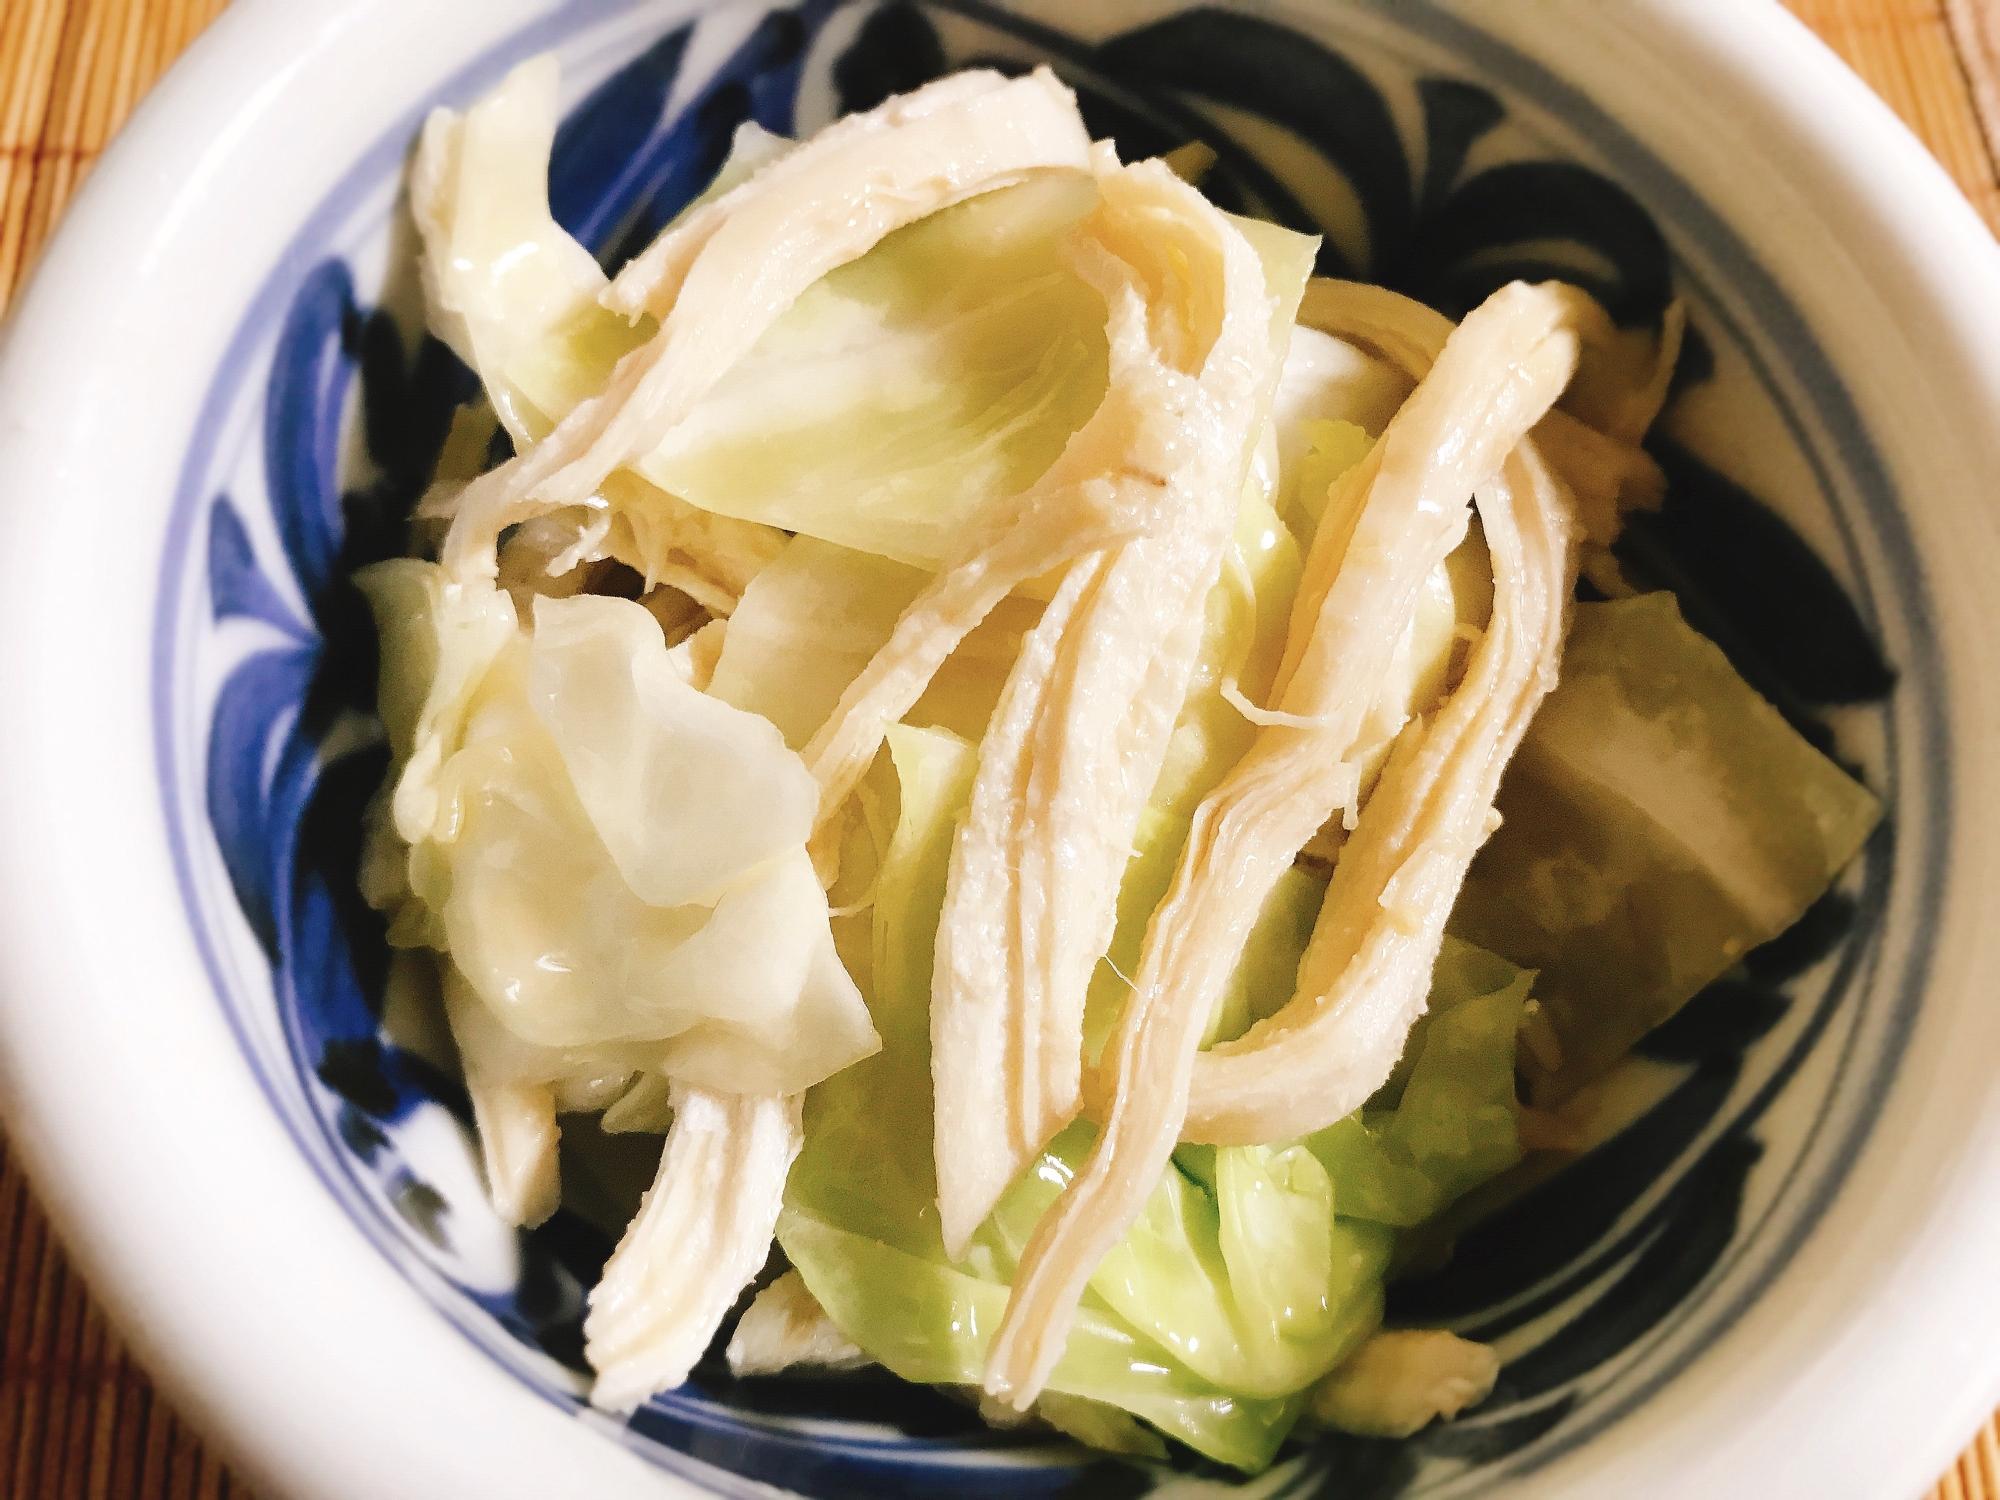 白地に藍の模様が入った器に盛られた、鶏胸肉とキャベツの中華和え